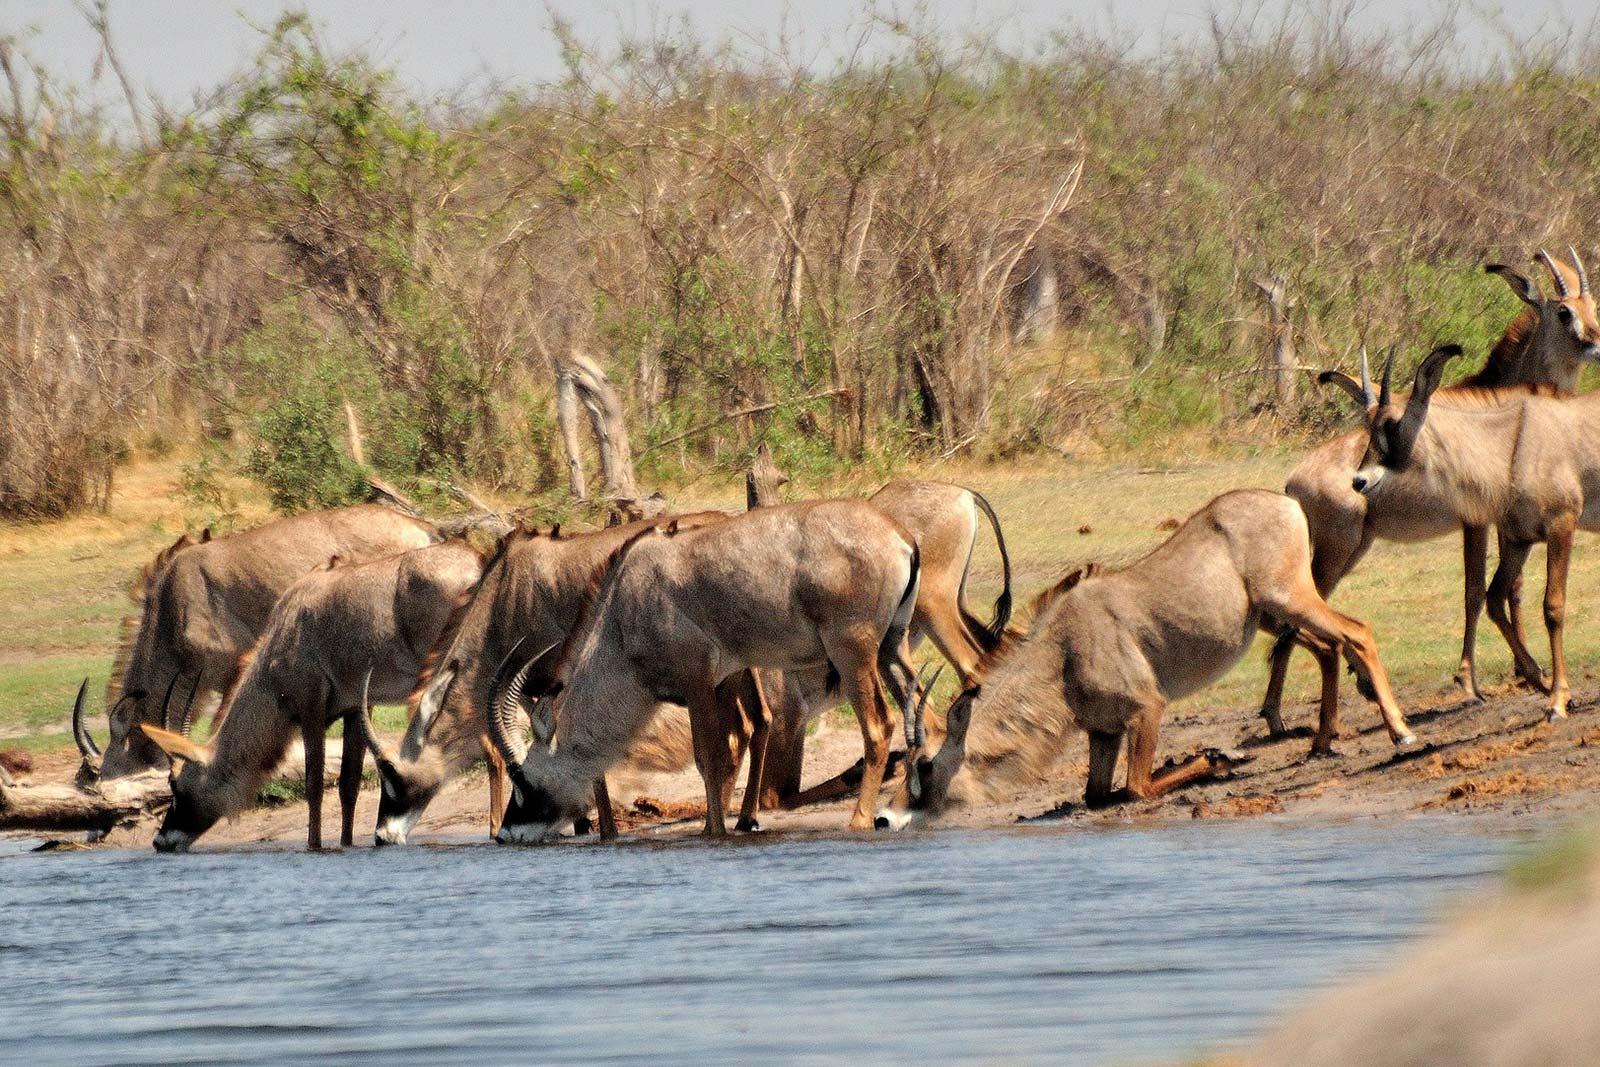 Roan Antelope in Uganda